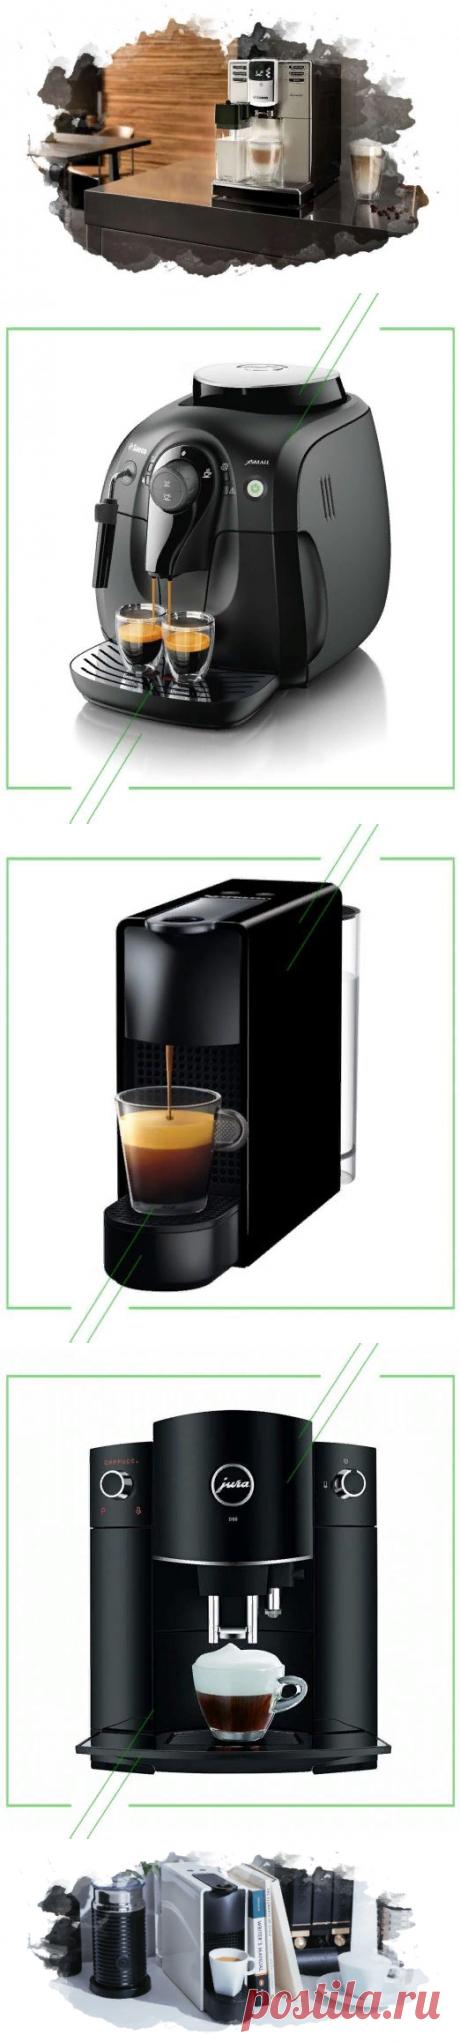 ТОП-7 лучших кофемашин для дома: виды, отзывы